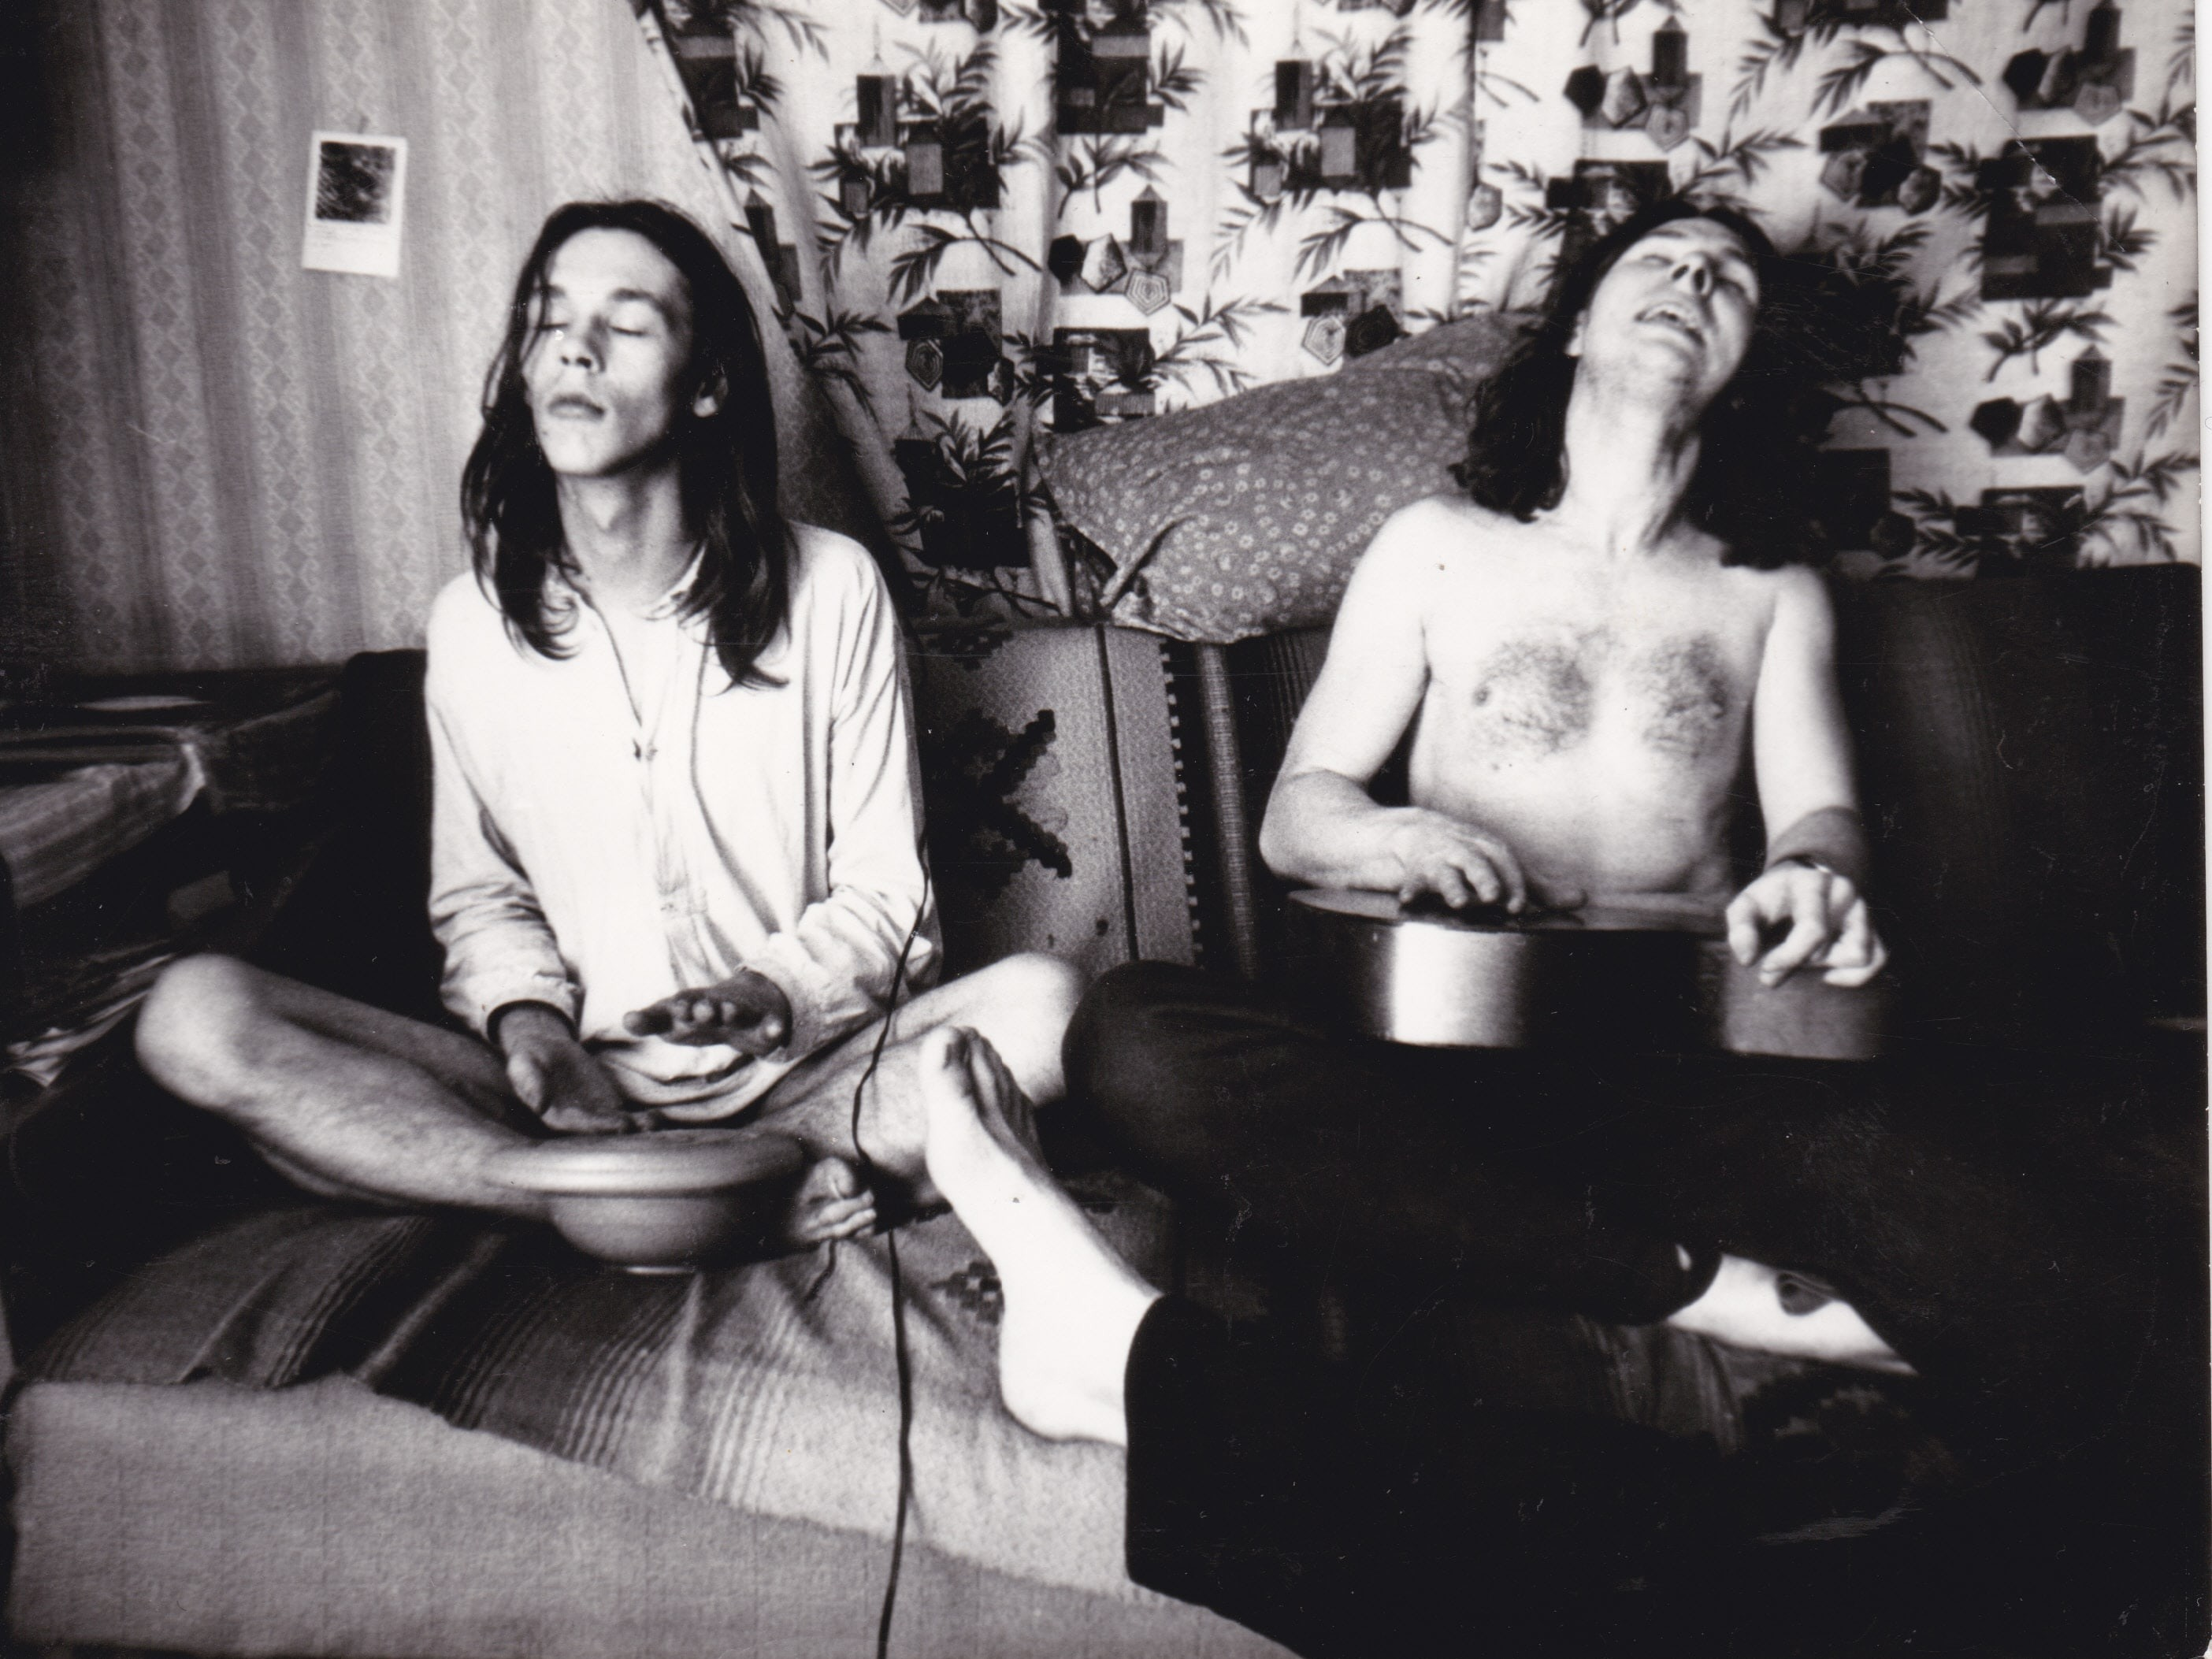 Kohalikud hipid 1980ndate alguses. Foto: erakogu